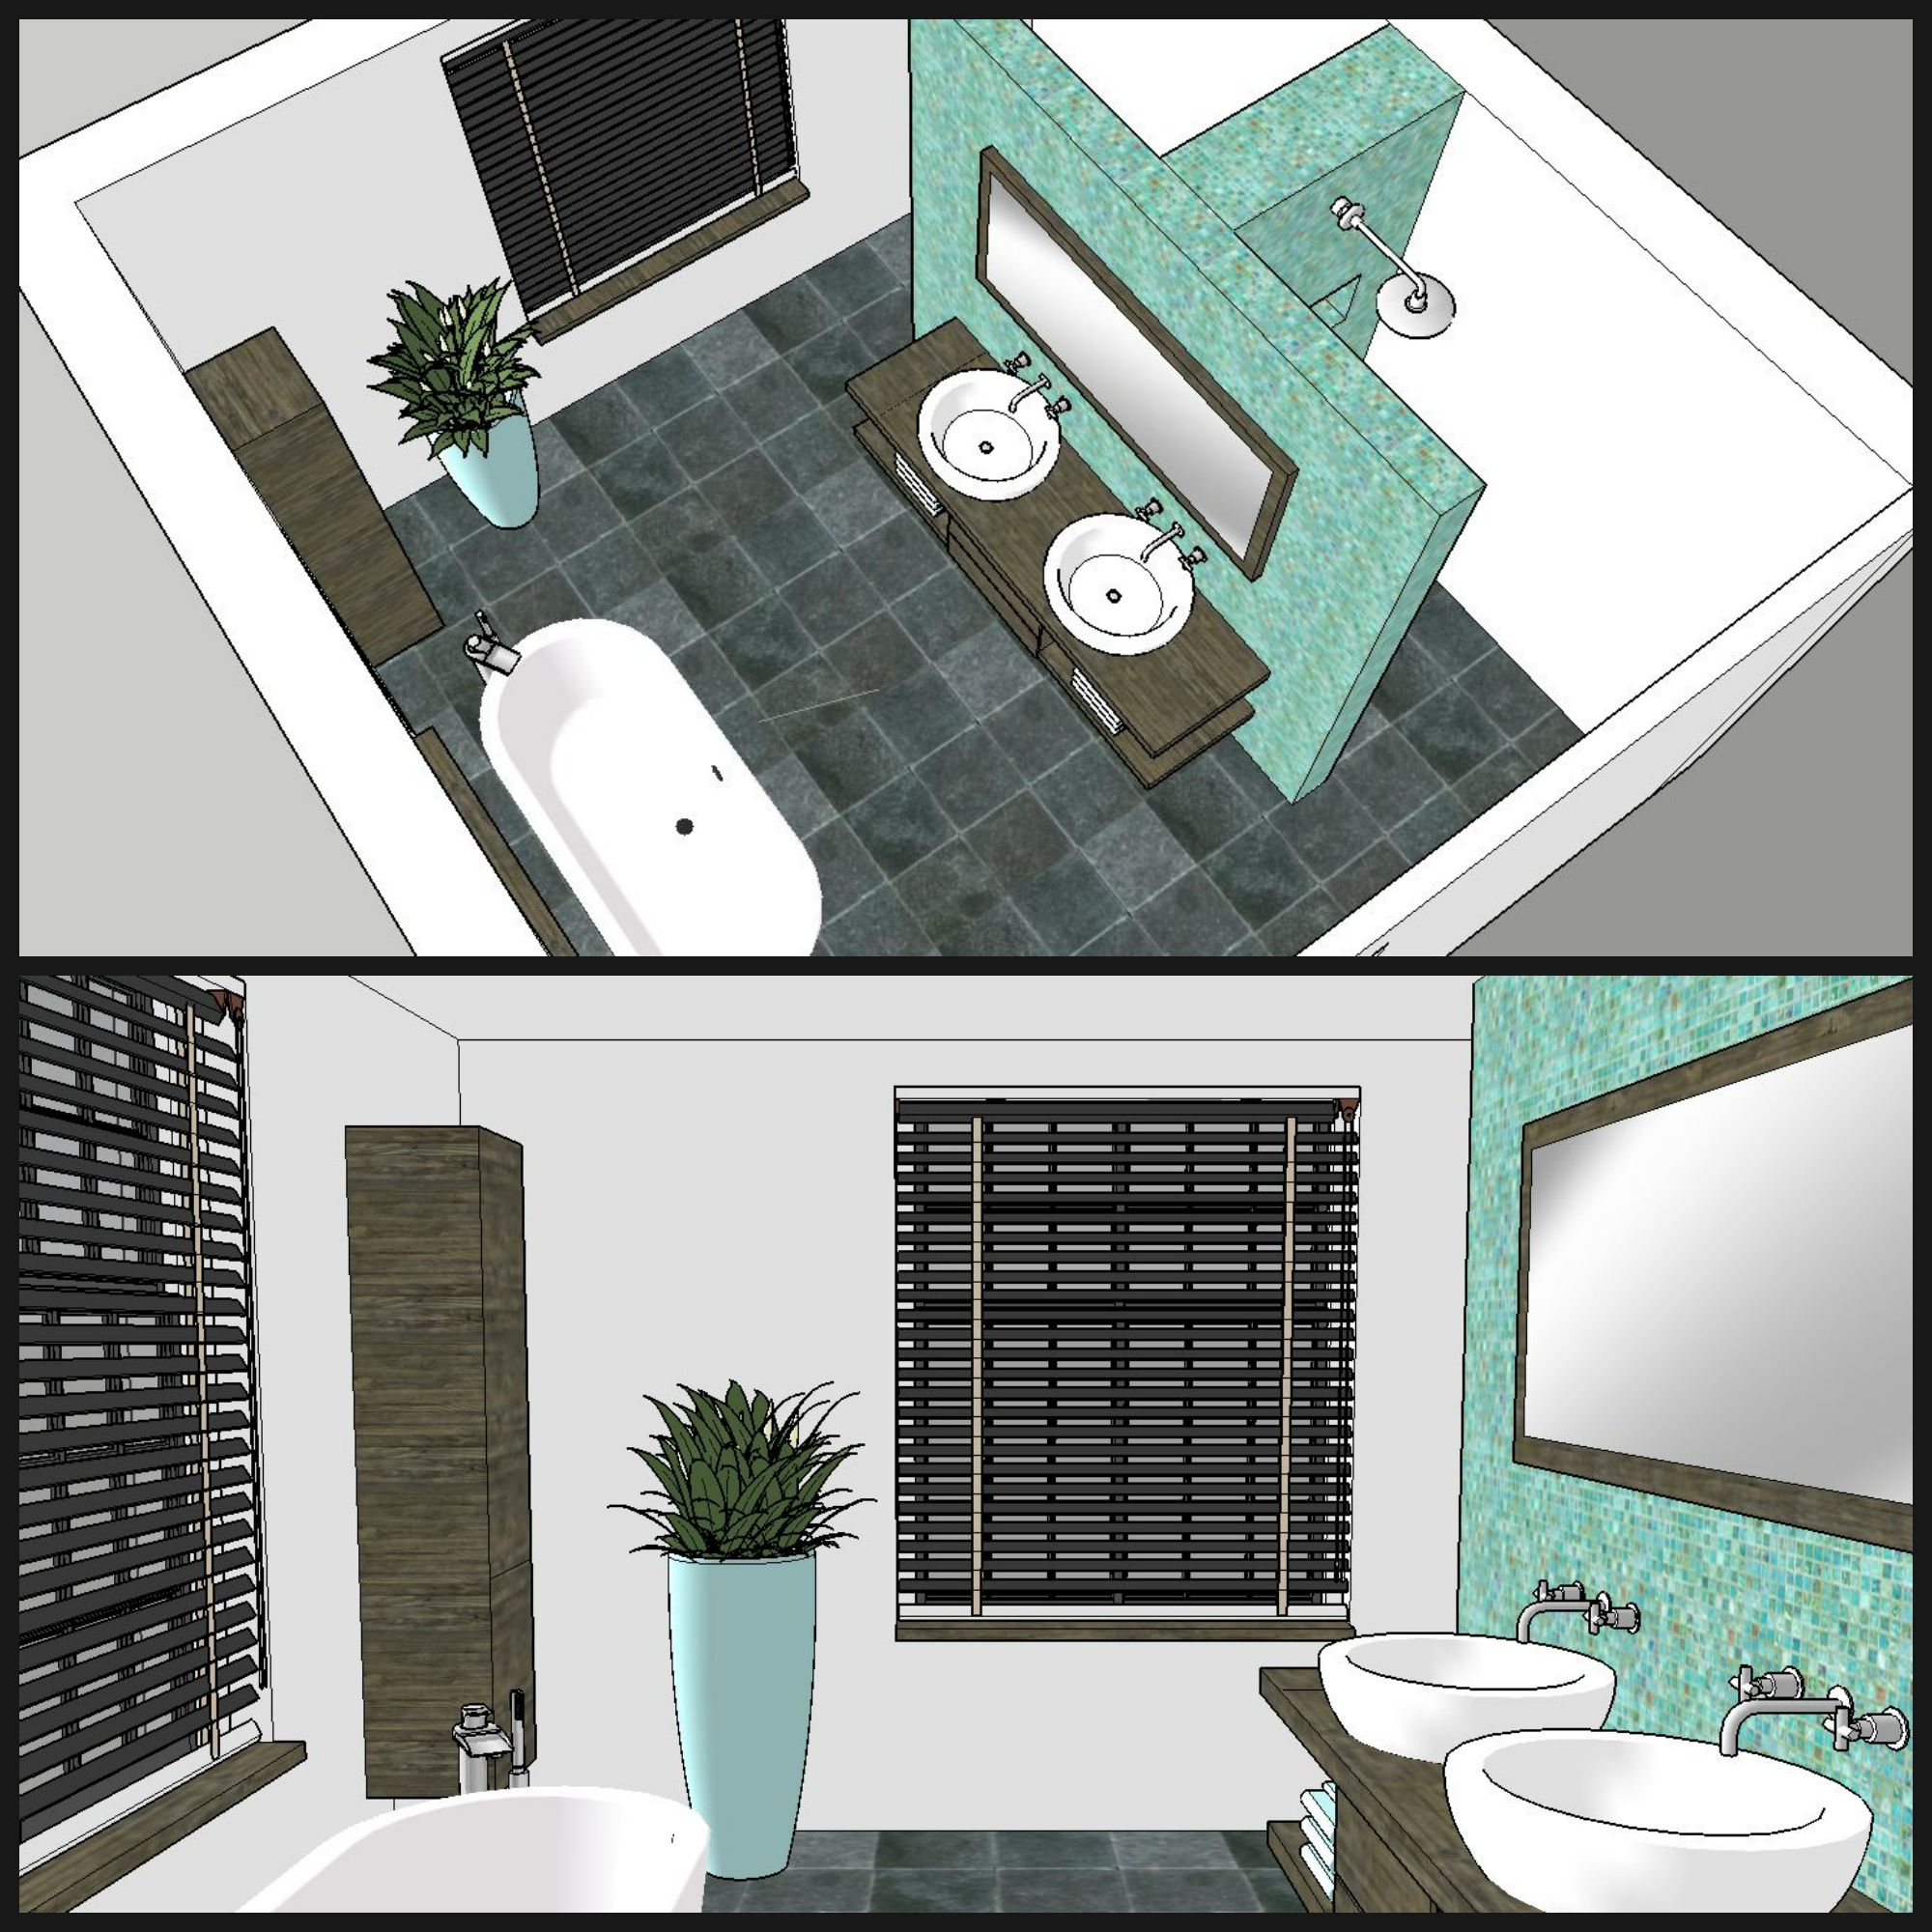 Badezimmer Ausbau badezimmer einteilung t form ausbau einteilung form